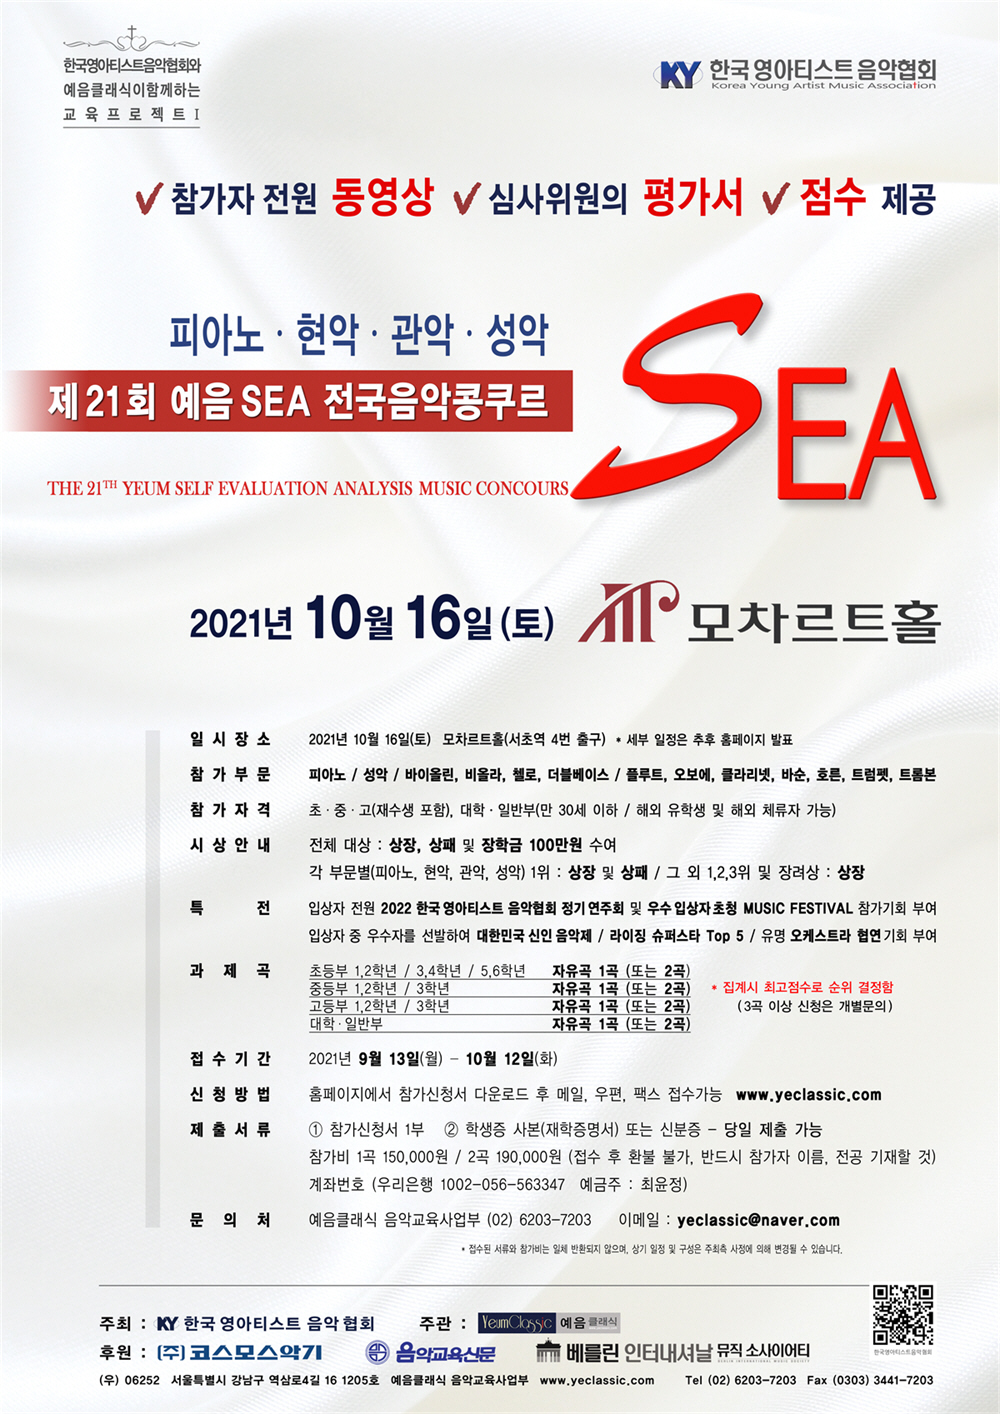 21회 예음 SEA 콩쿠르 포스터 1000.jpg